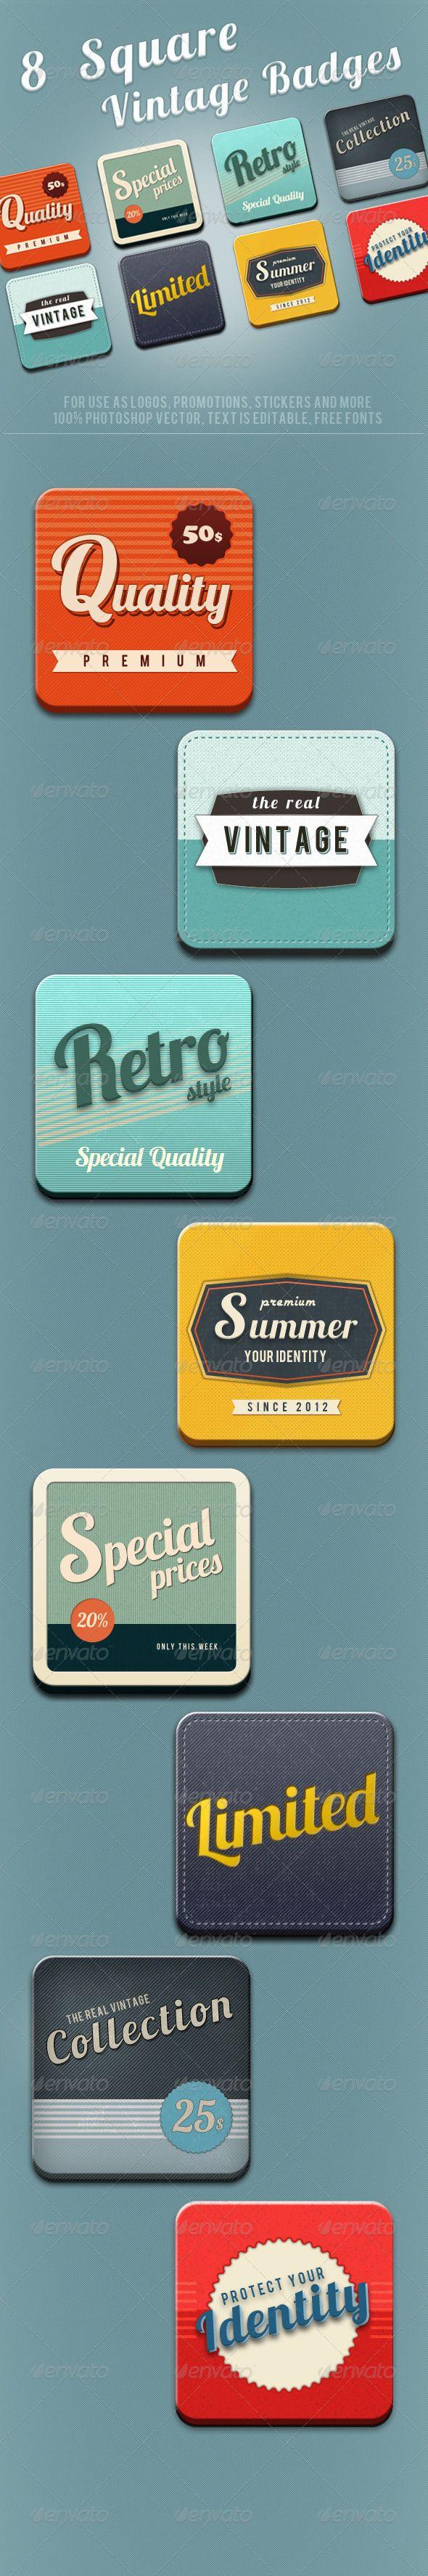 Набор винтажных кнопок для сайта или приложения #дизайн #сайты #винтаж #кнопки